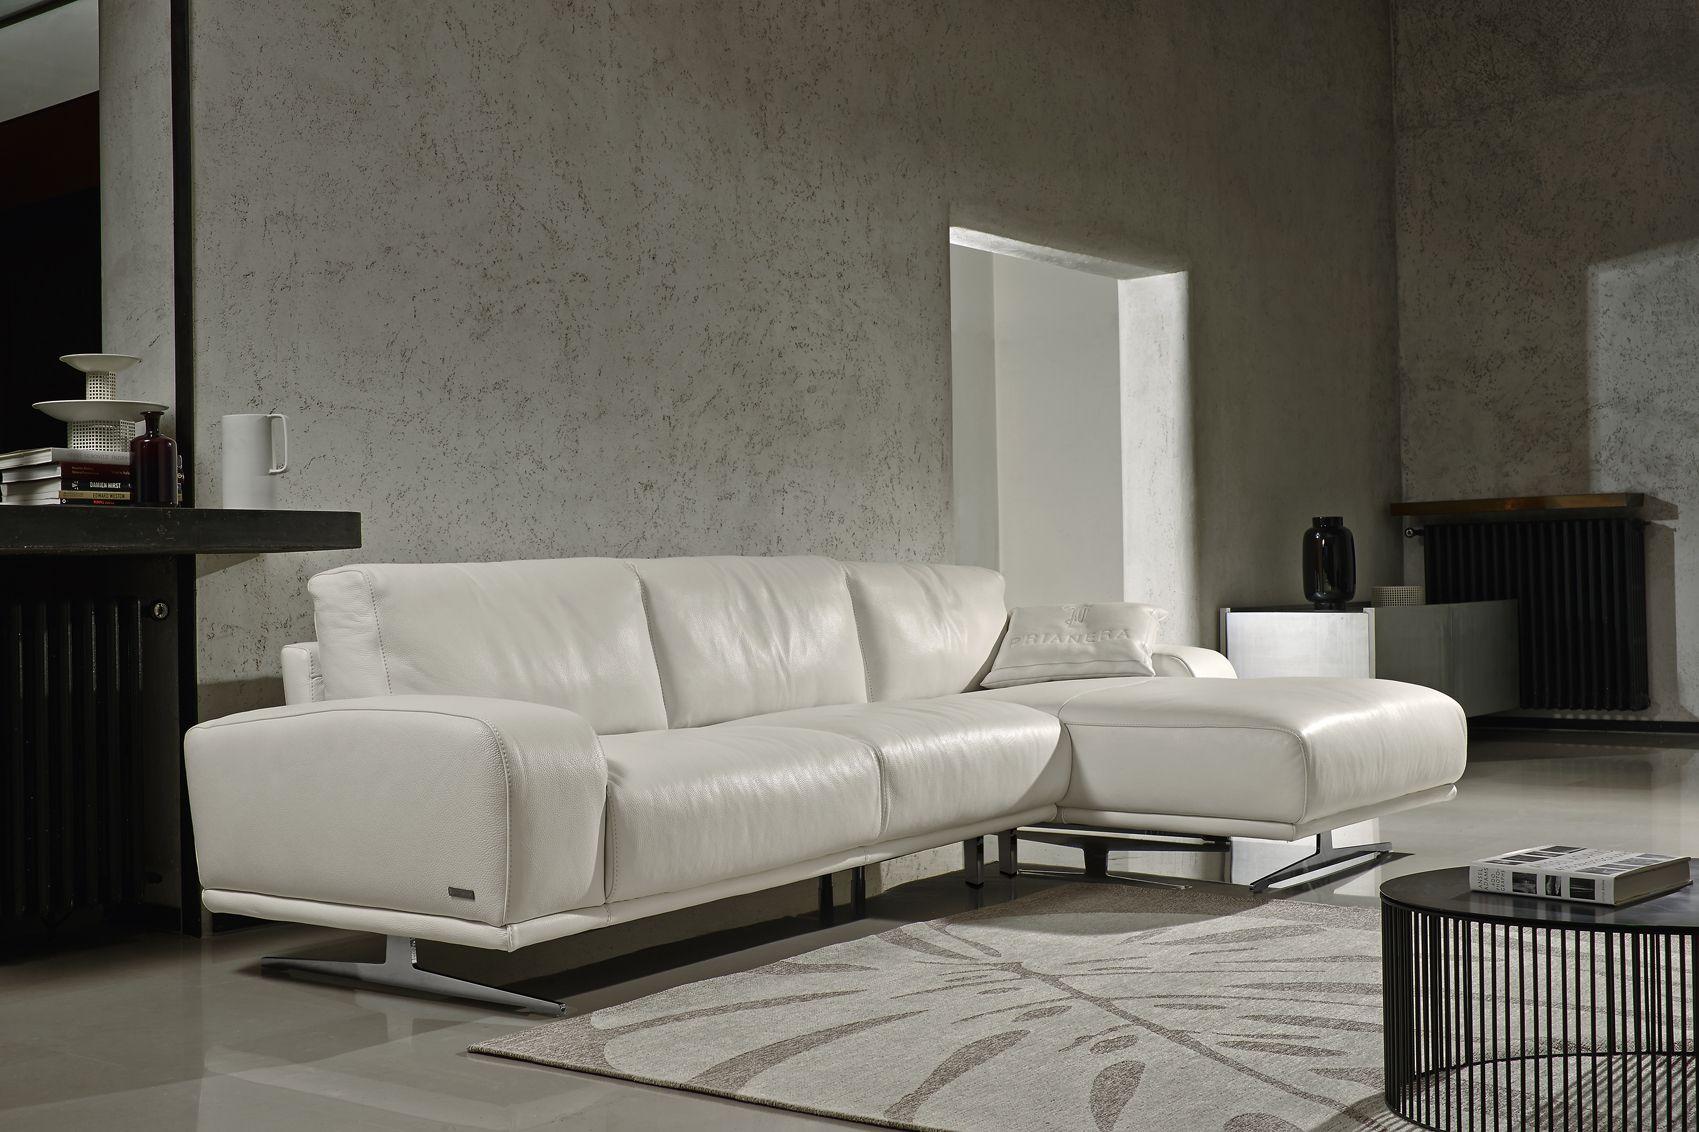 Polaris Designed For Living Srl bernini | prianera - polaris designed for living srl | 가구